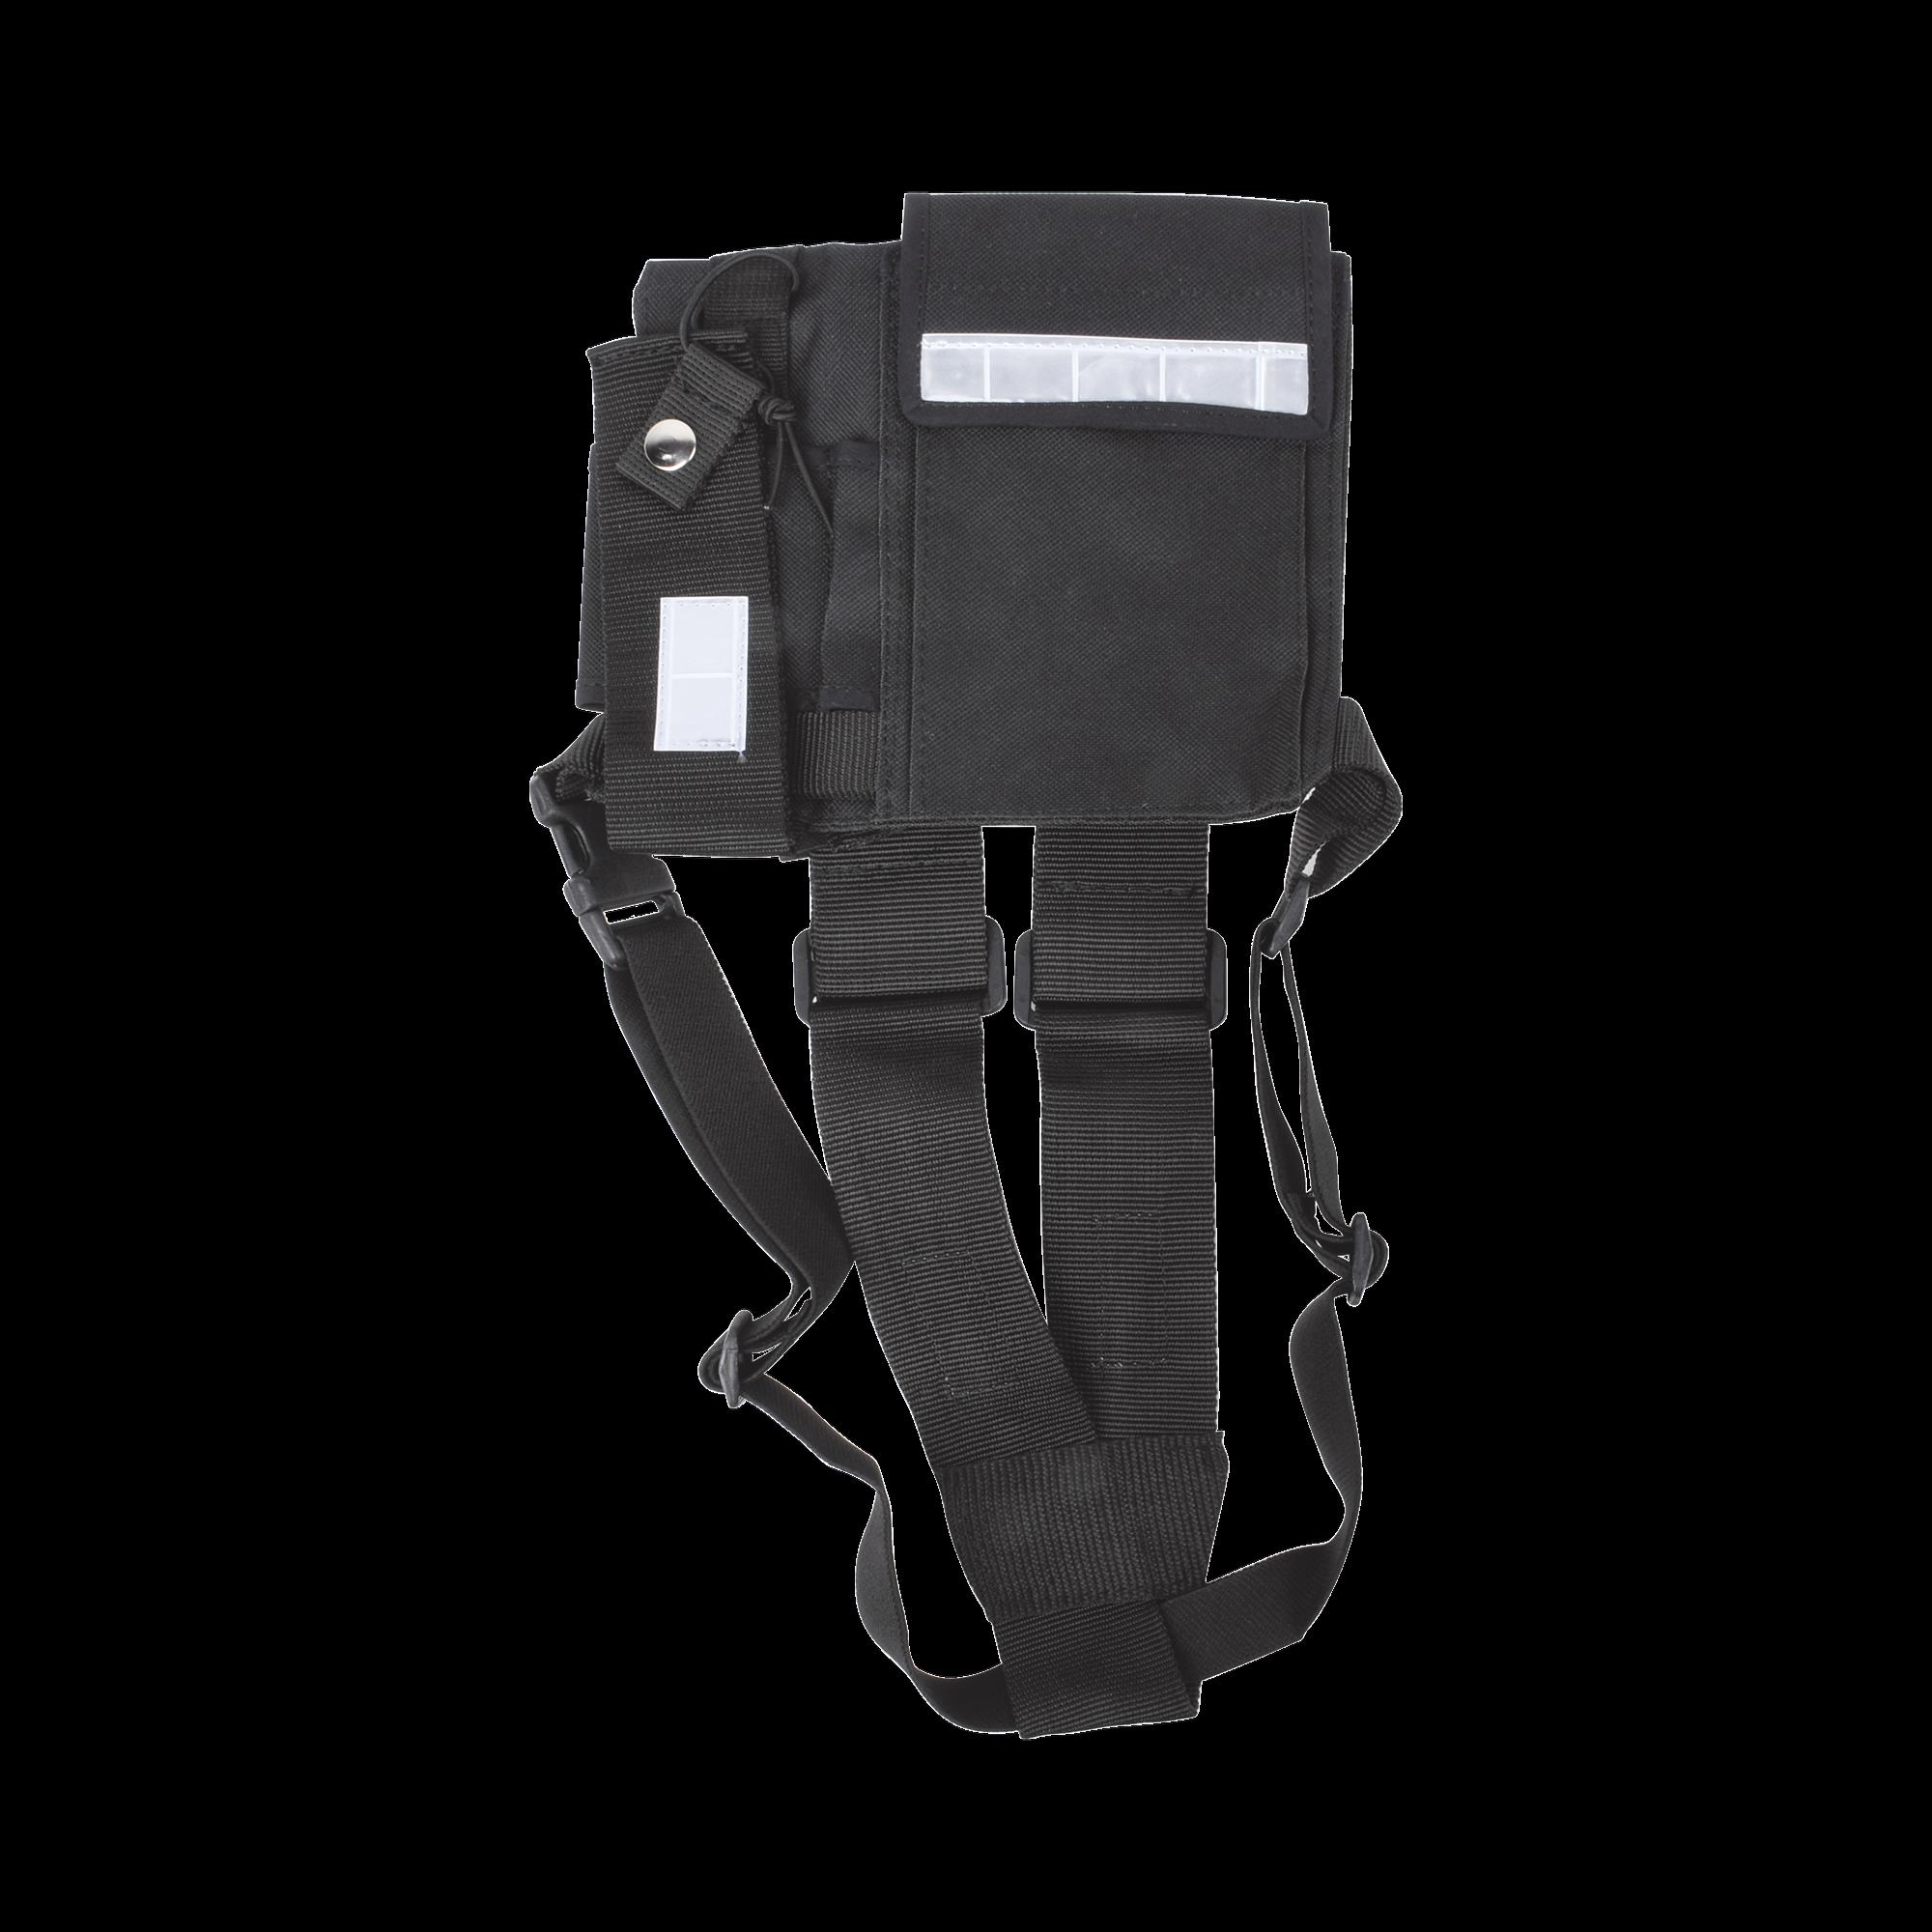 Pechera Universal sin logo con soporte para radio y boligrafo más bolsa con cinta adherente para su seguridad.